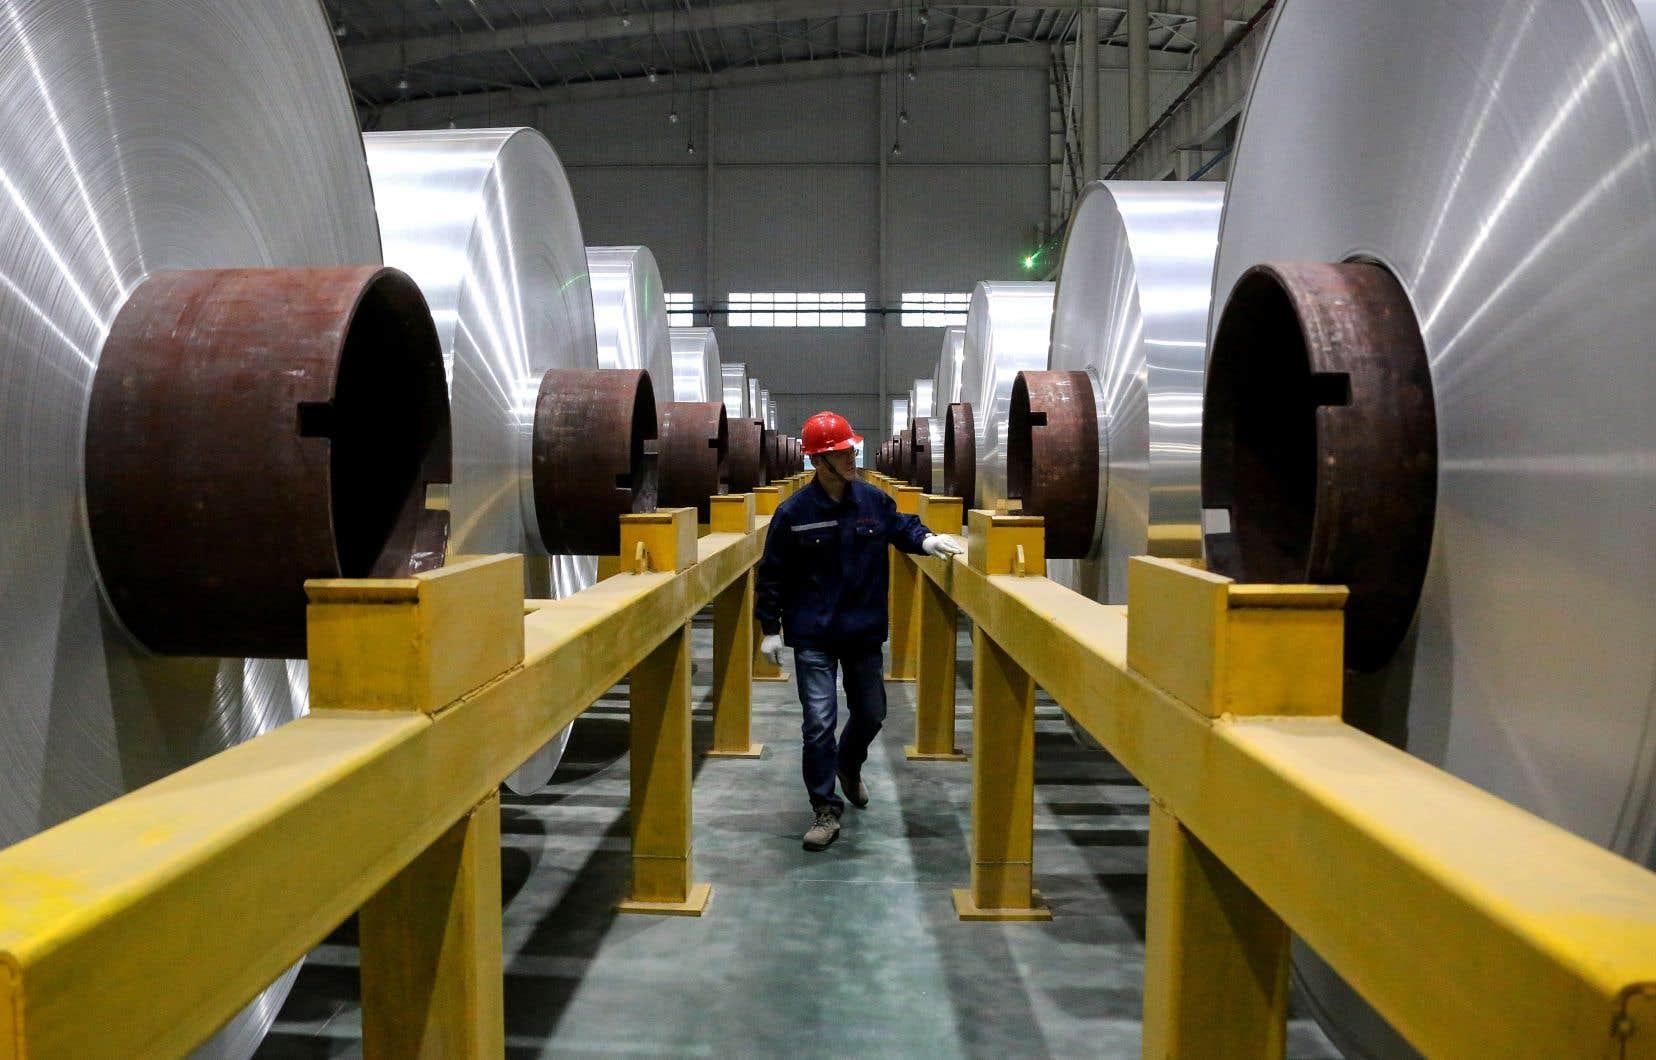 De l'aluminium chinois est transformé au Mexique, puis exporté comme étant de l'aluminium nord-américain.